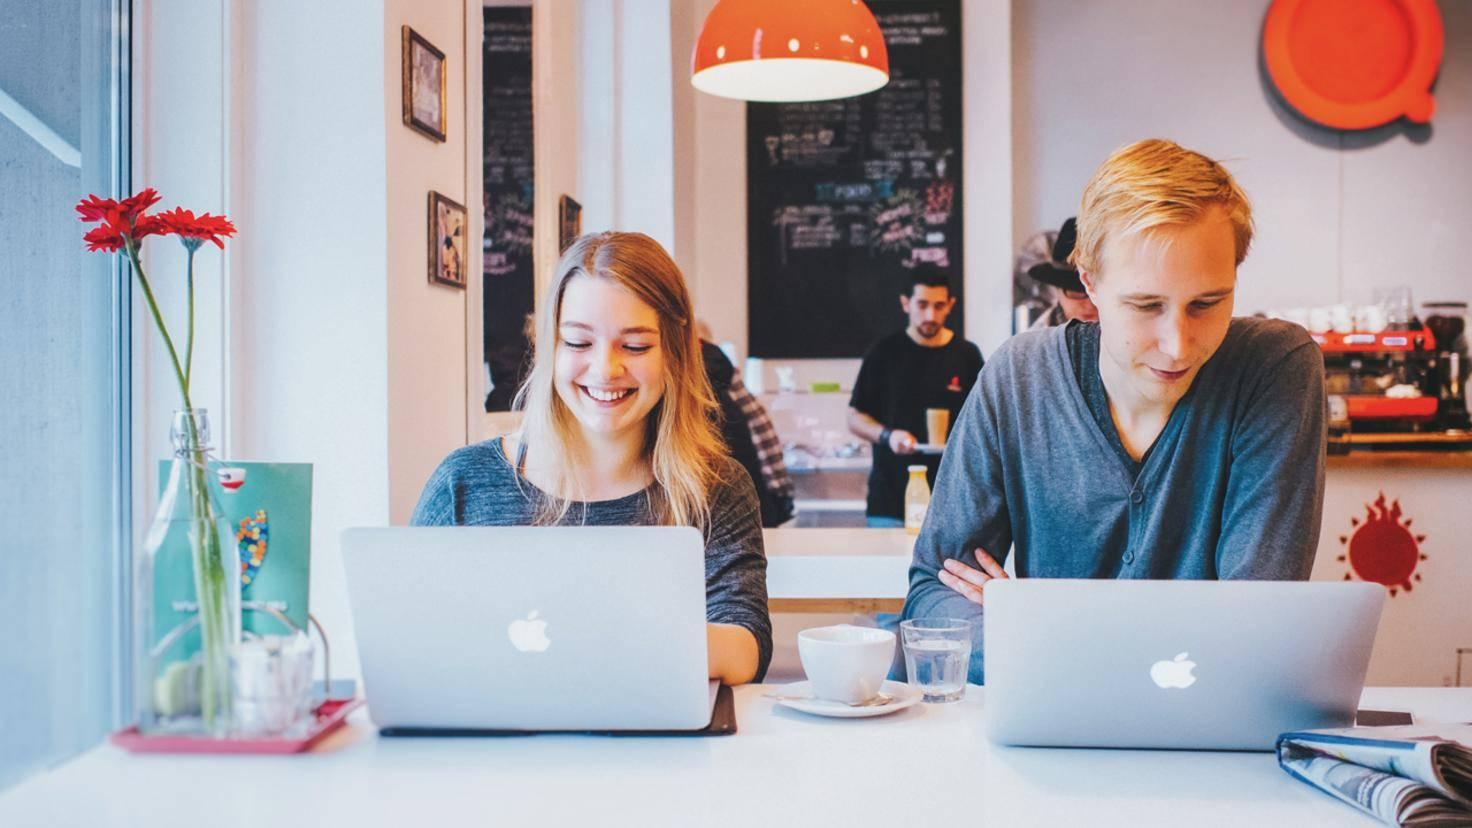 Raus hier! Diese 10 Technik-Orte in Helsinki sind eine Reise wert